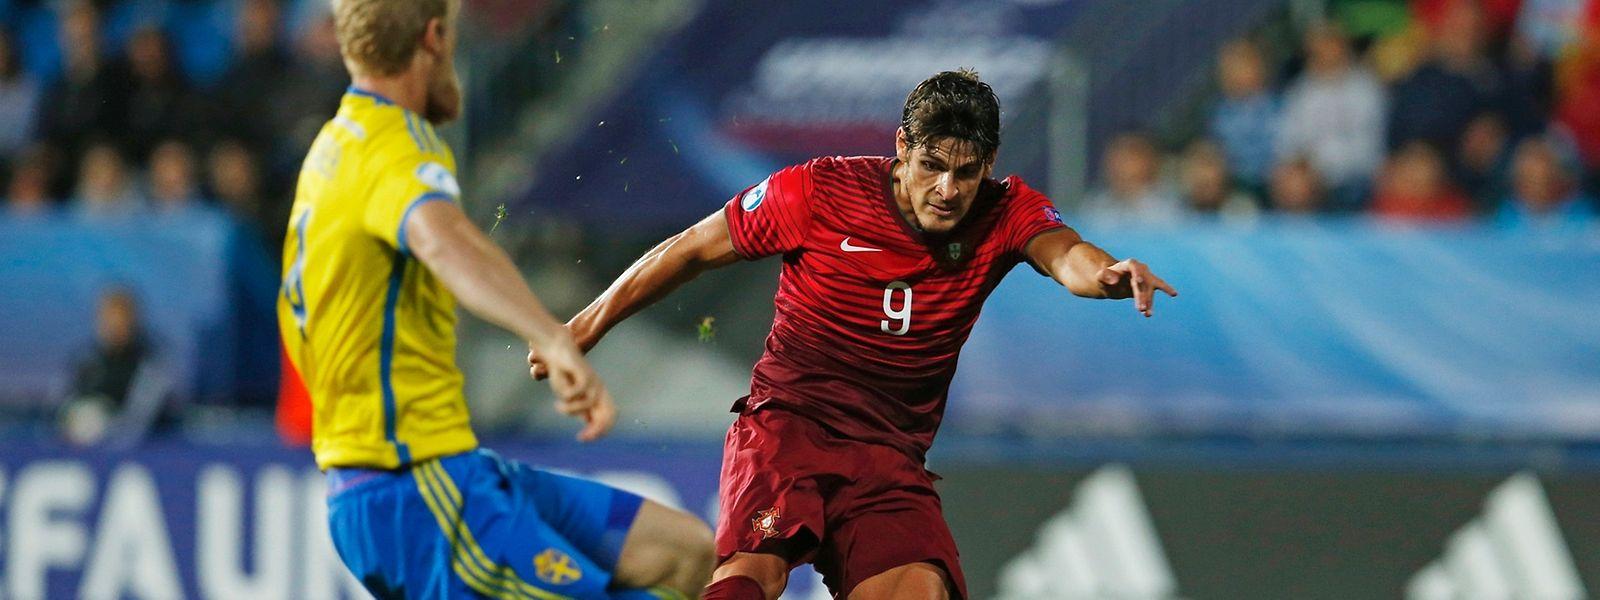 Gonçalo Paciência (de vermelho) marcou o golo que apurou Portugal